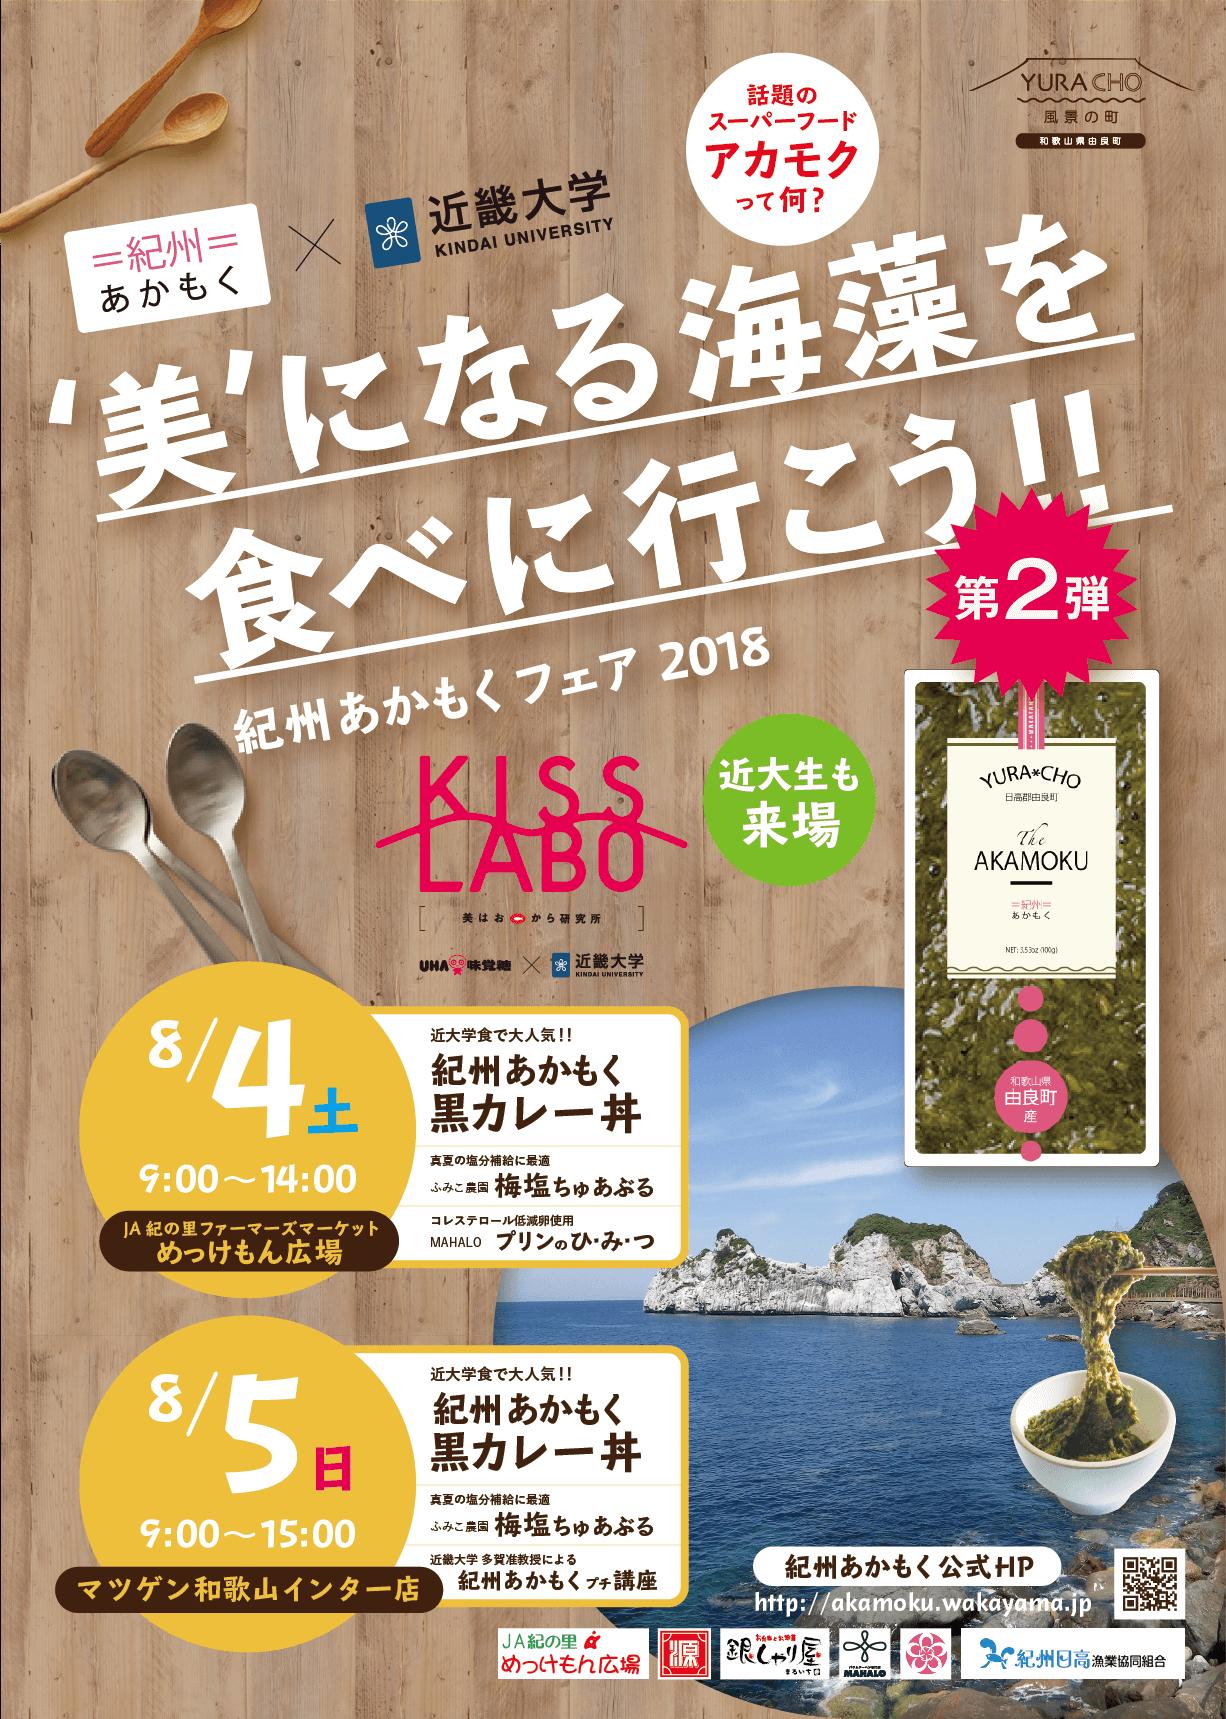 第二弾!! 近畿大学薬学部さんとコラボイベント開催します!!